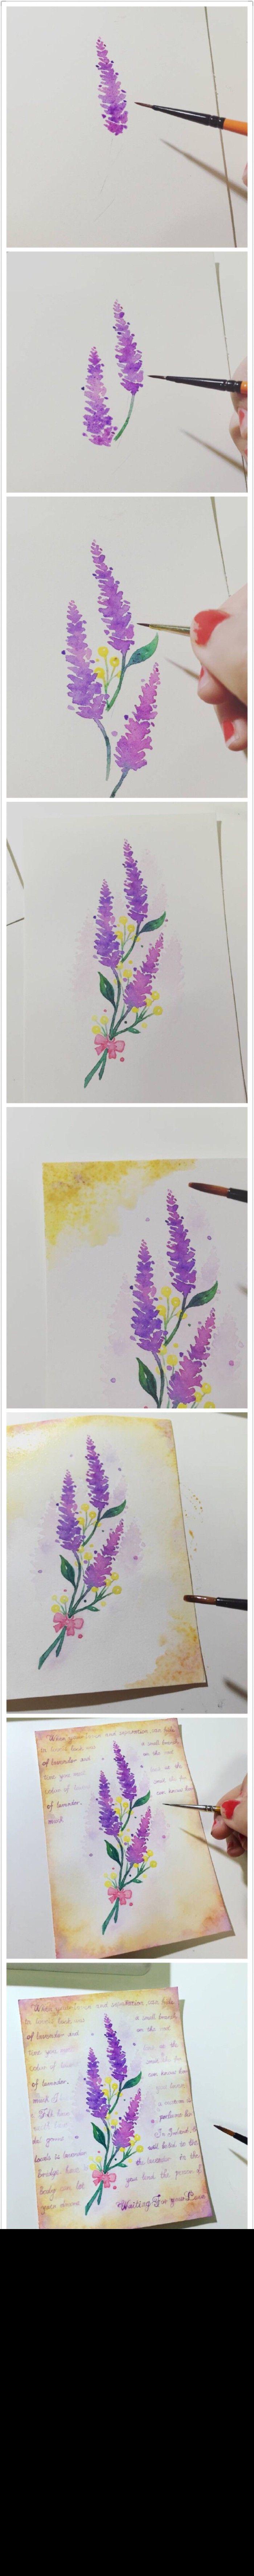 || Watercolor purple flower ||